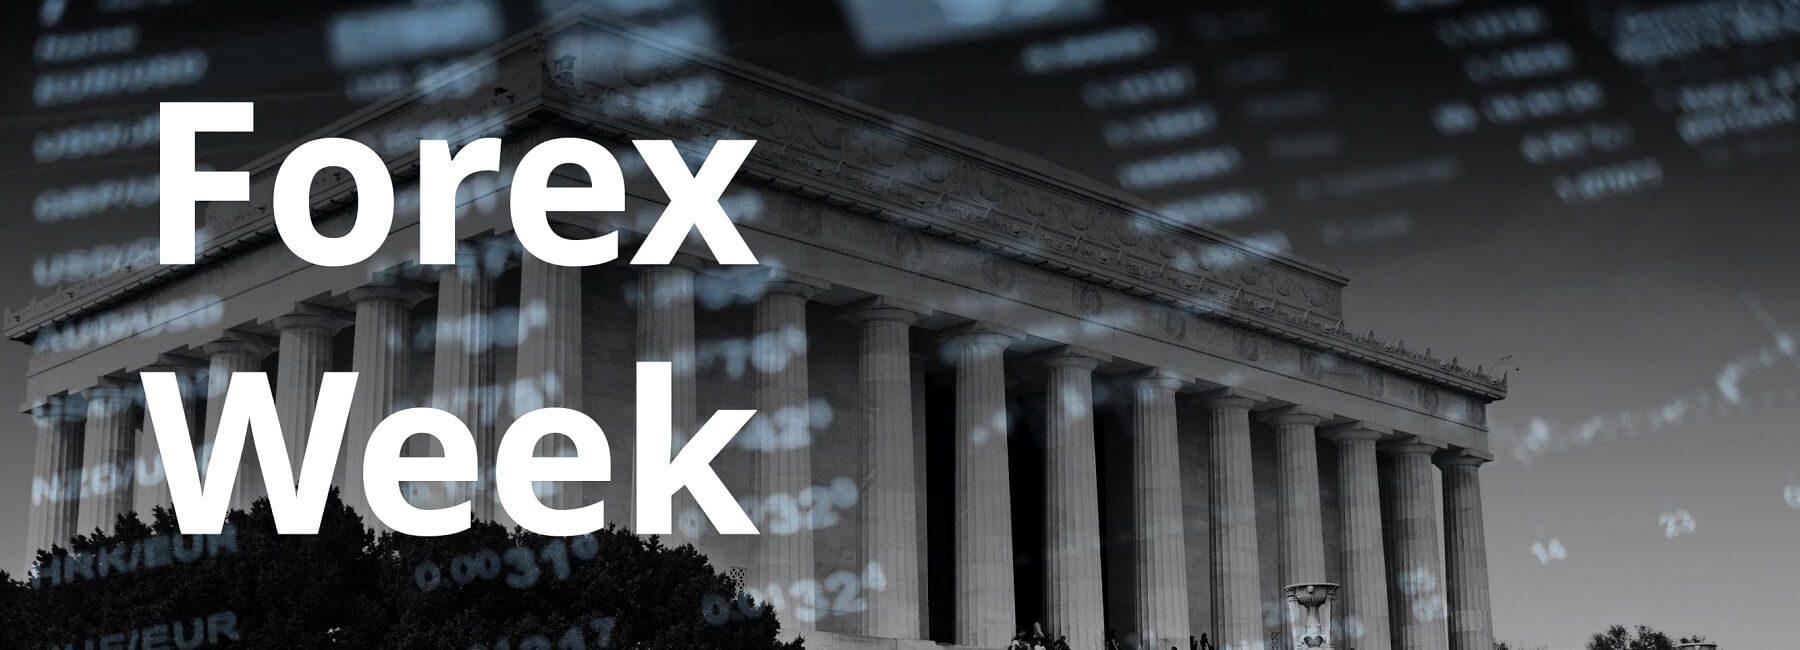 Báo cáo tuần Forex: Sự cố không xảy ra trong ngày kỷ niệm